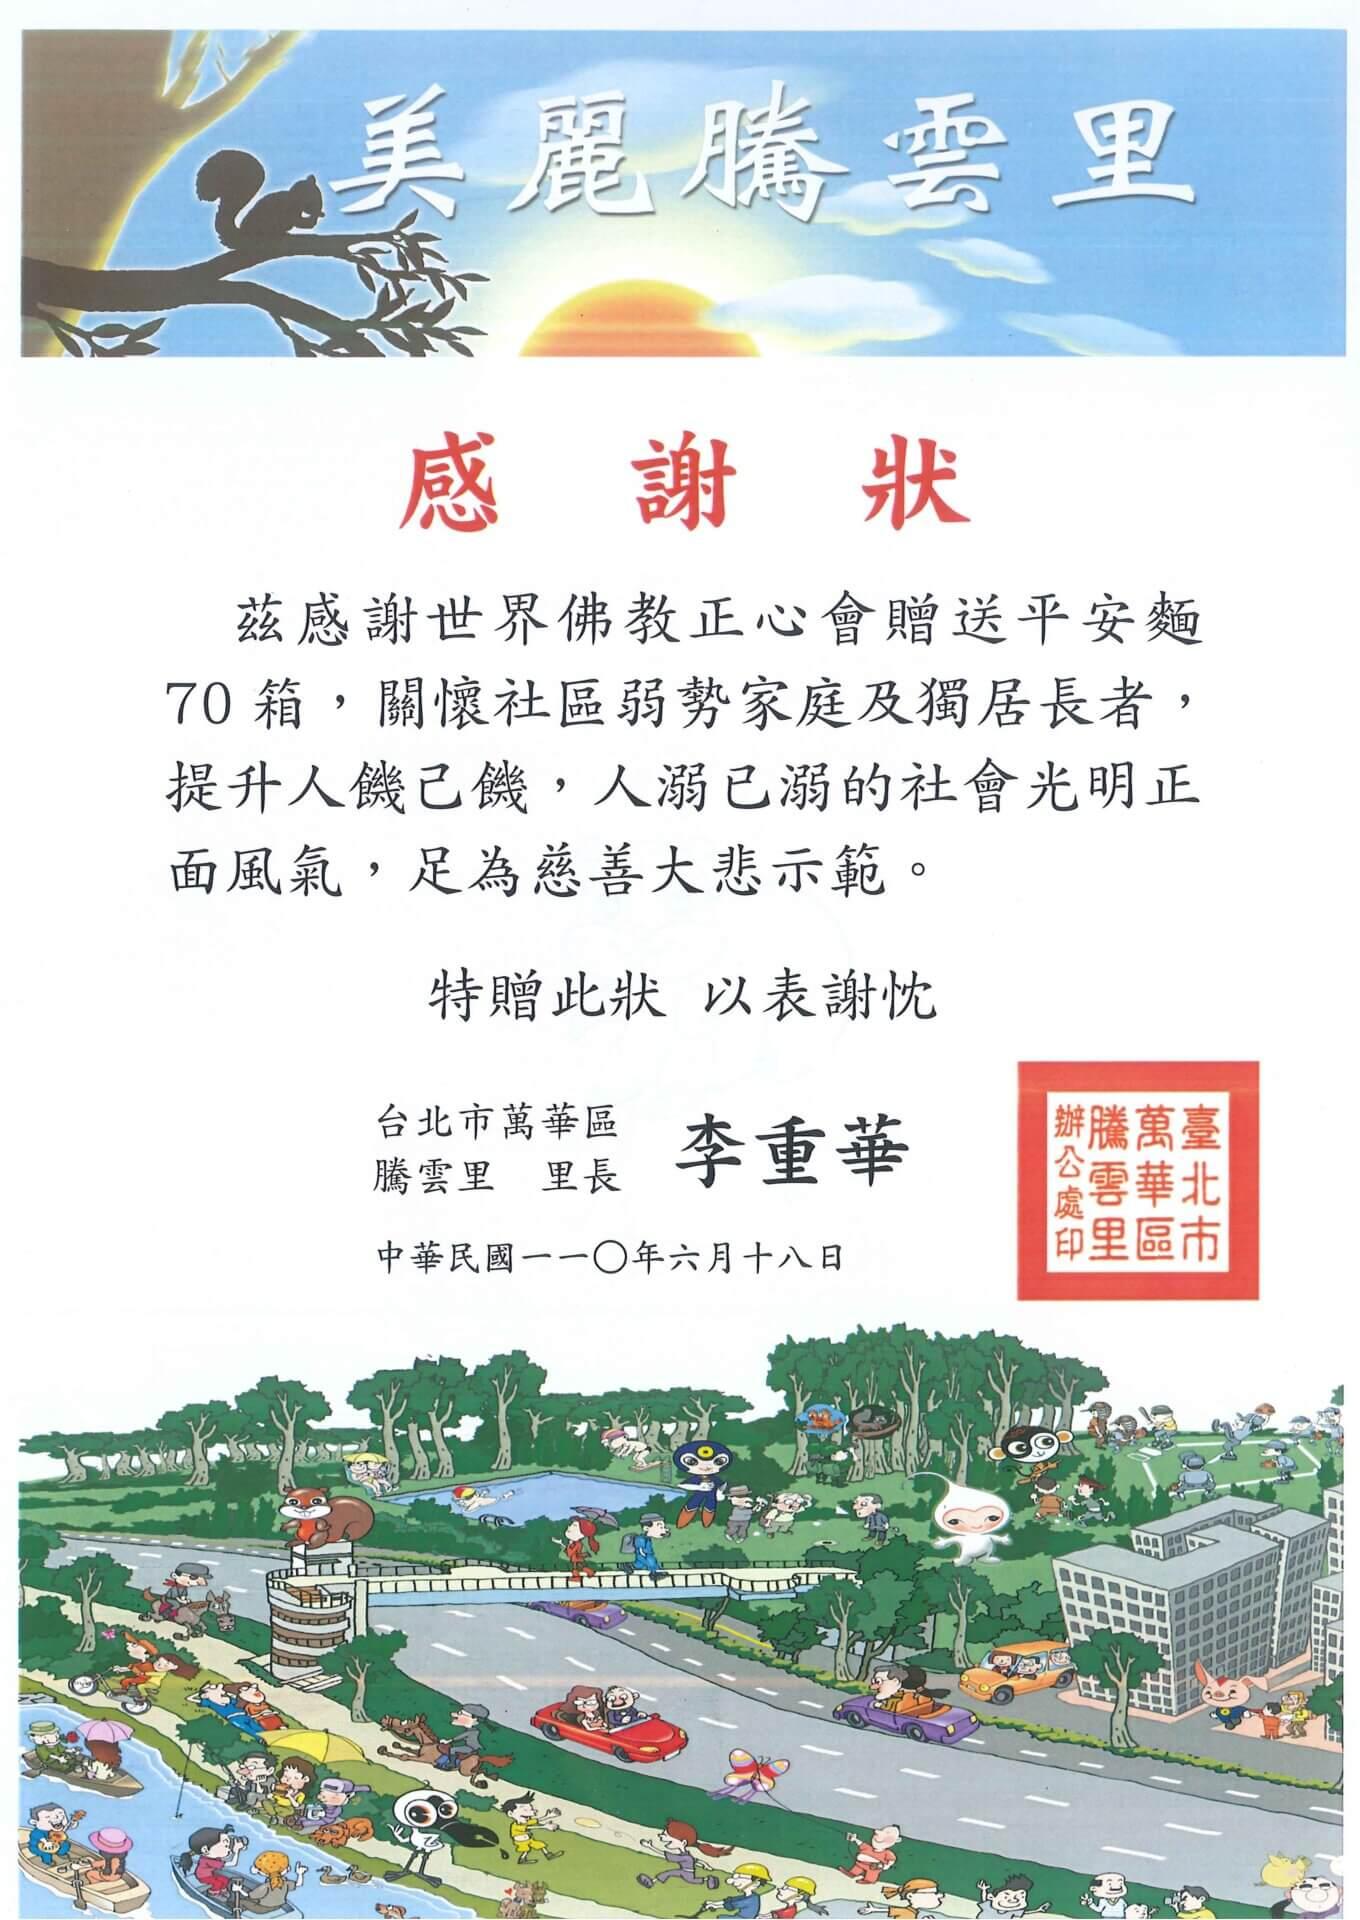 2021-0618萬華騰雲里感謝狀